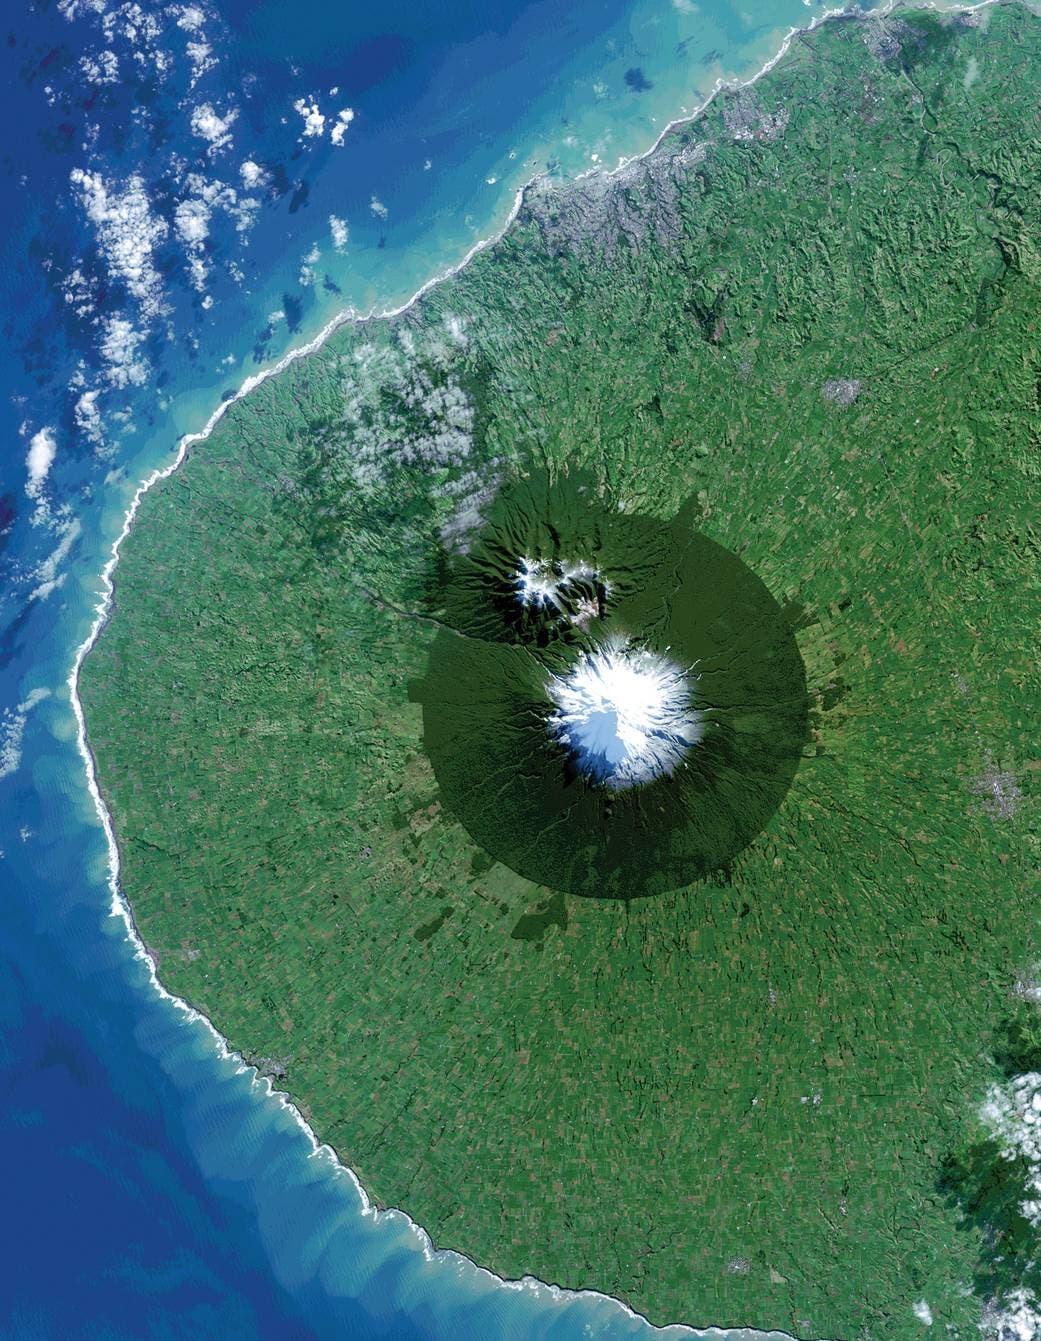 حديقة ايغمونت الوطنية - نيوزلندا